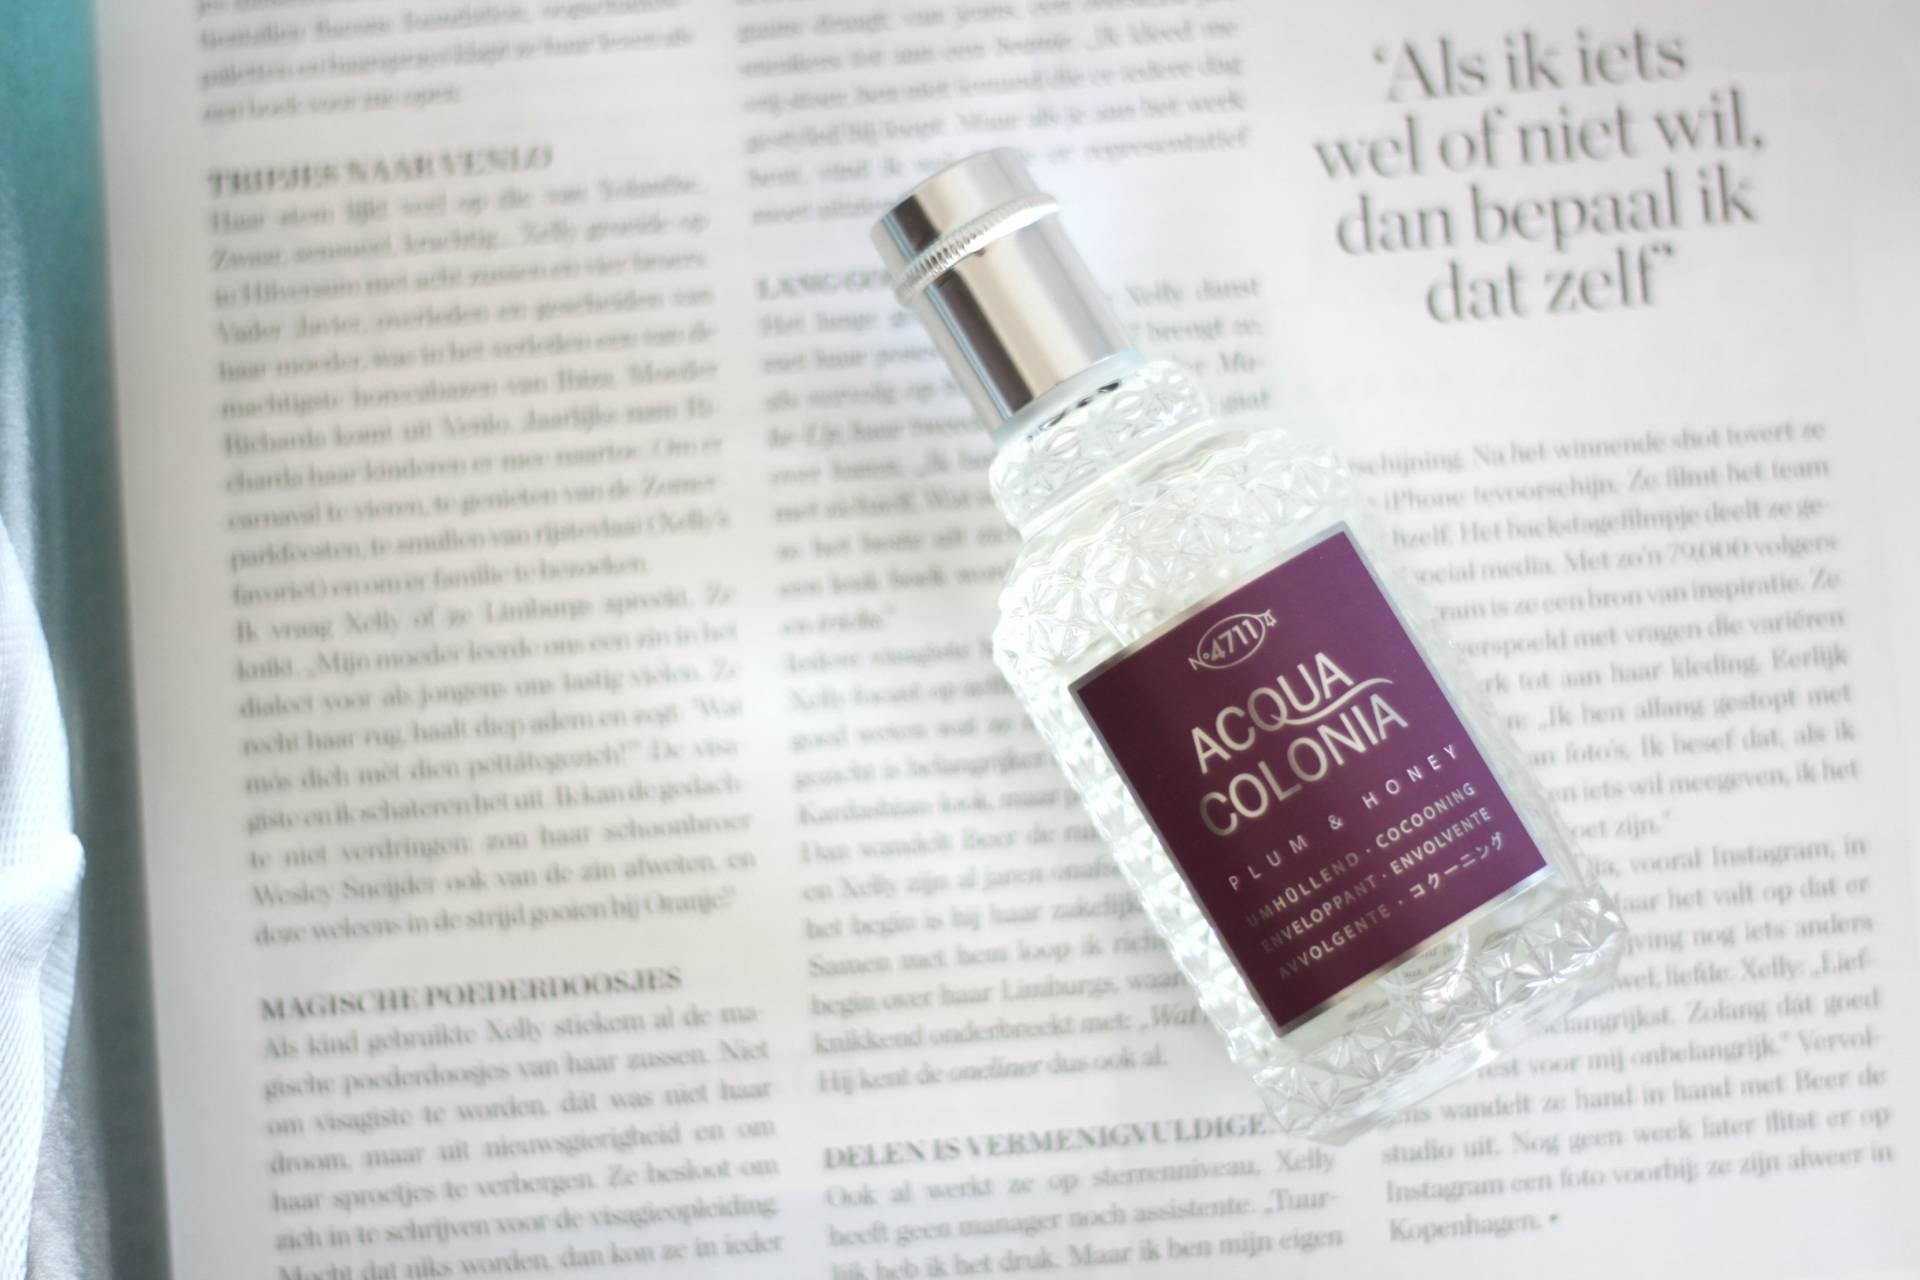 favoriete-parfum-4